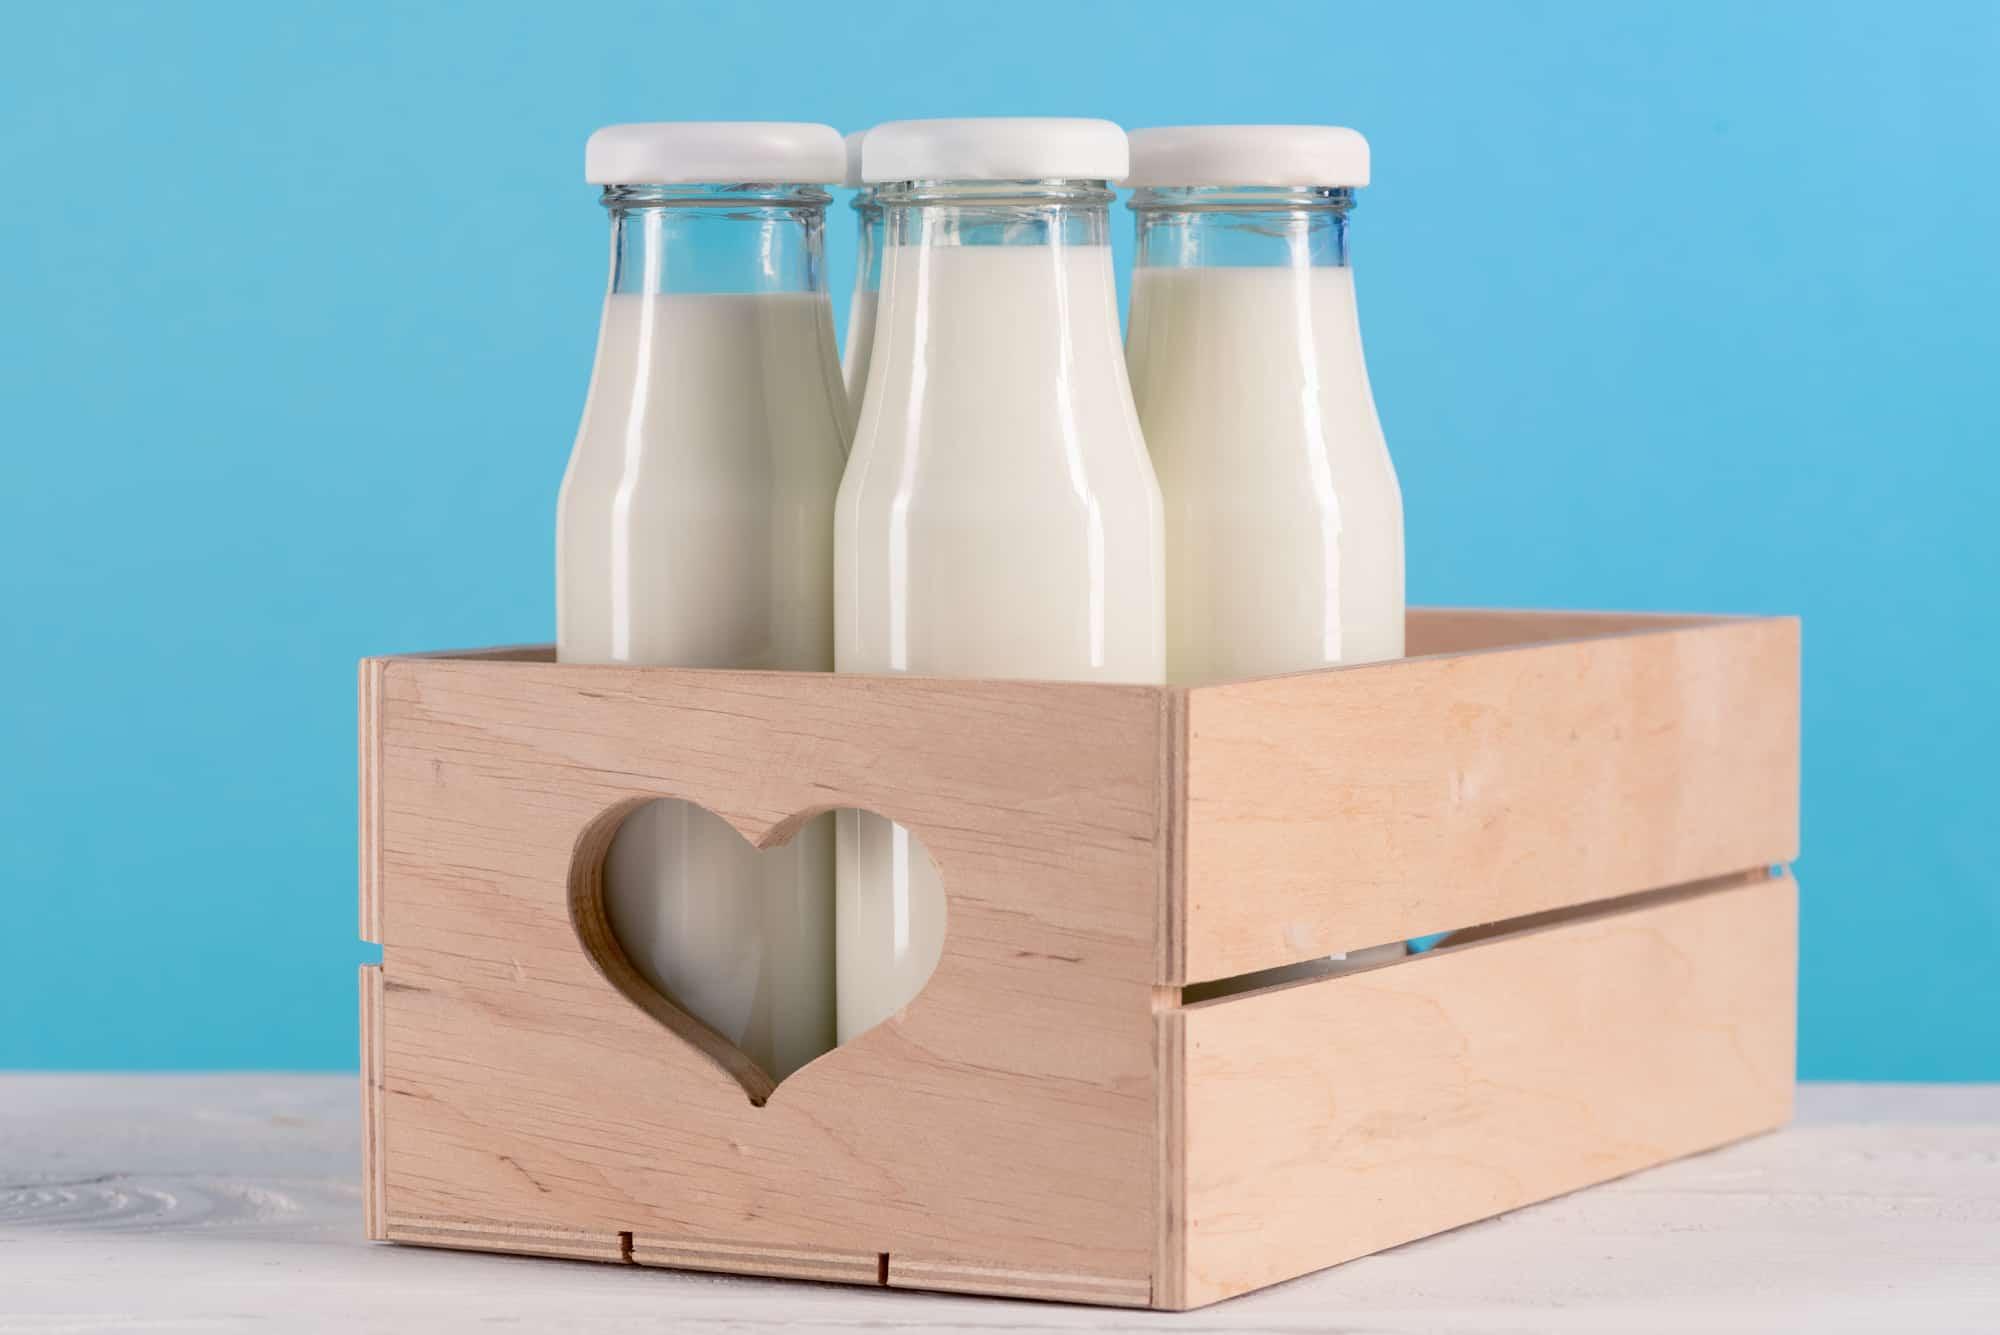 three milk jugs in a wooden box